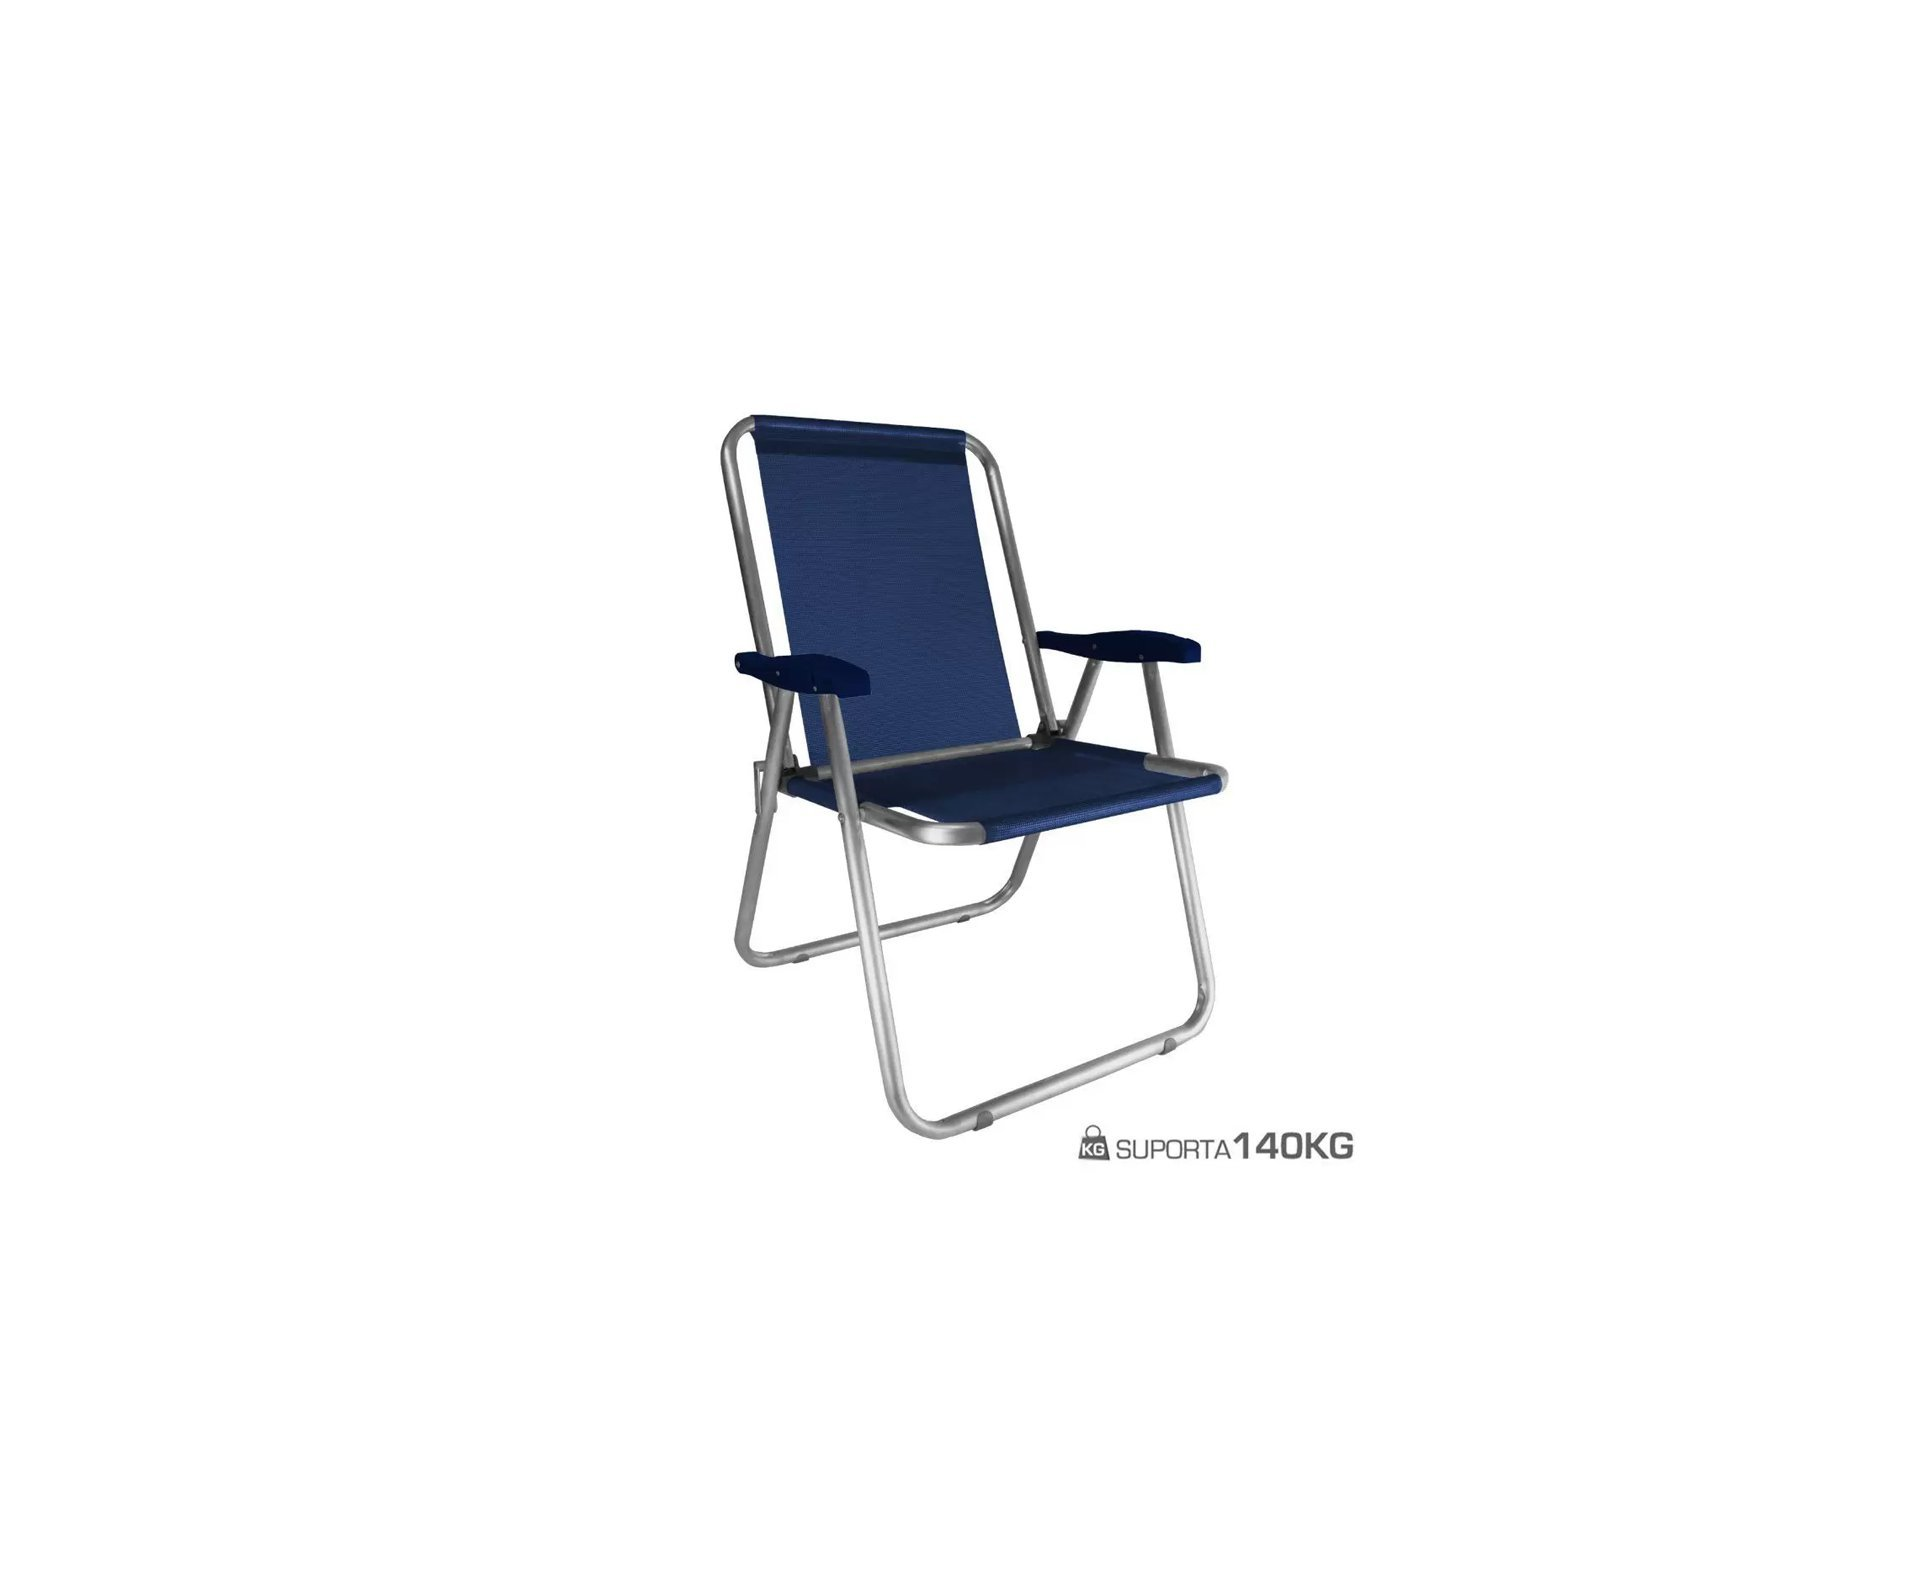 Cadeira Zaka Max Alumínio Azul Marinho Capacidade 140kg